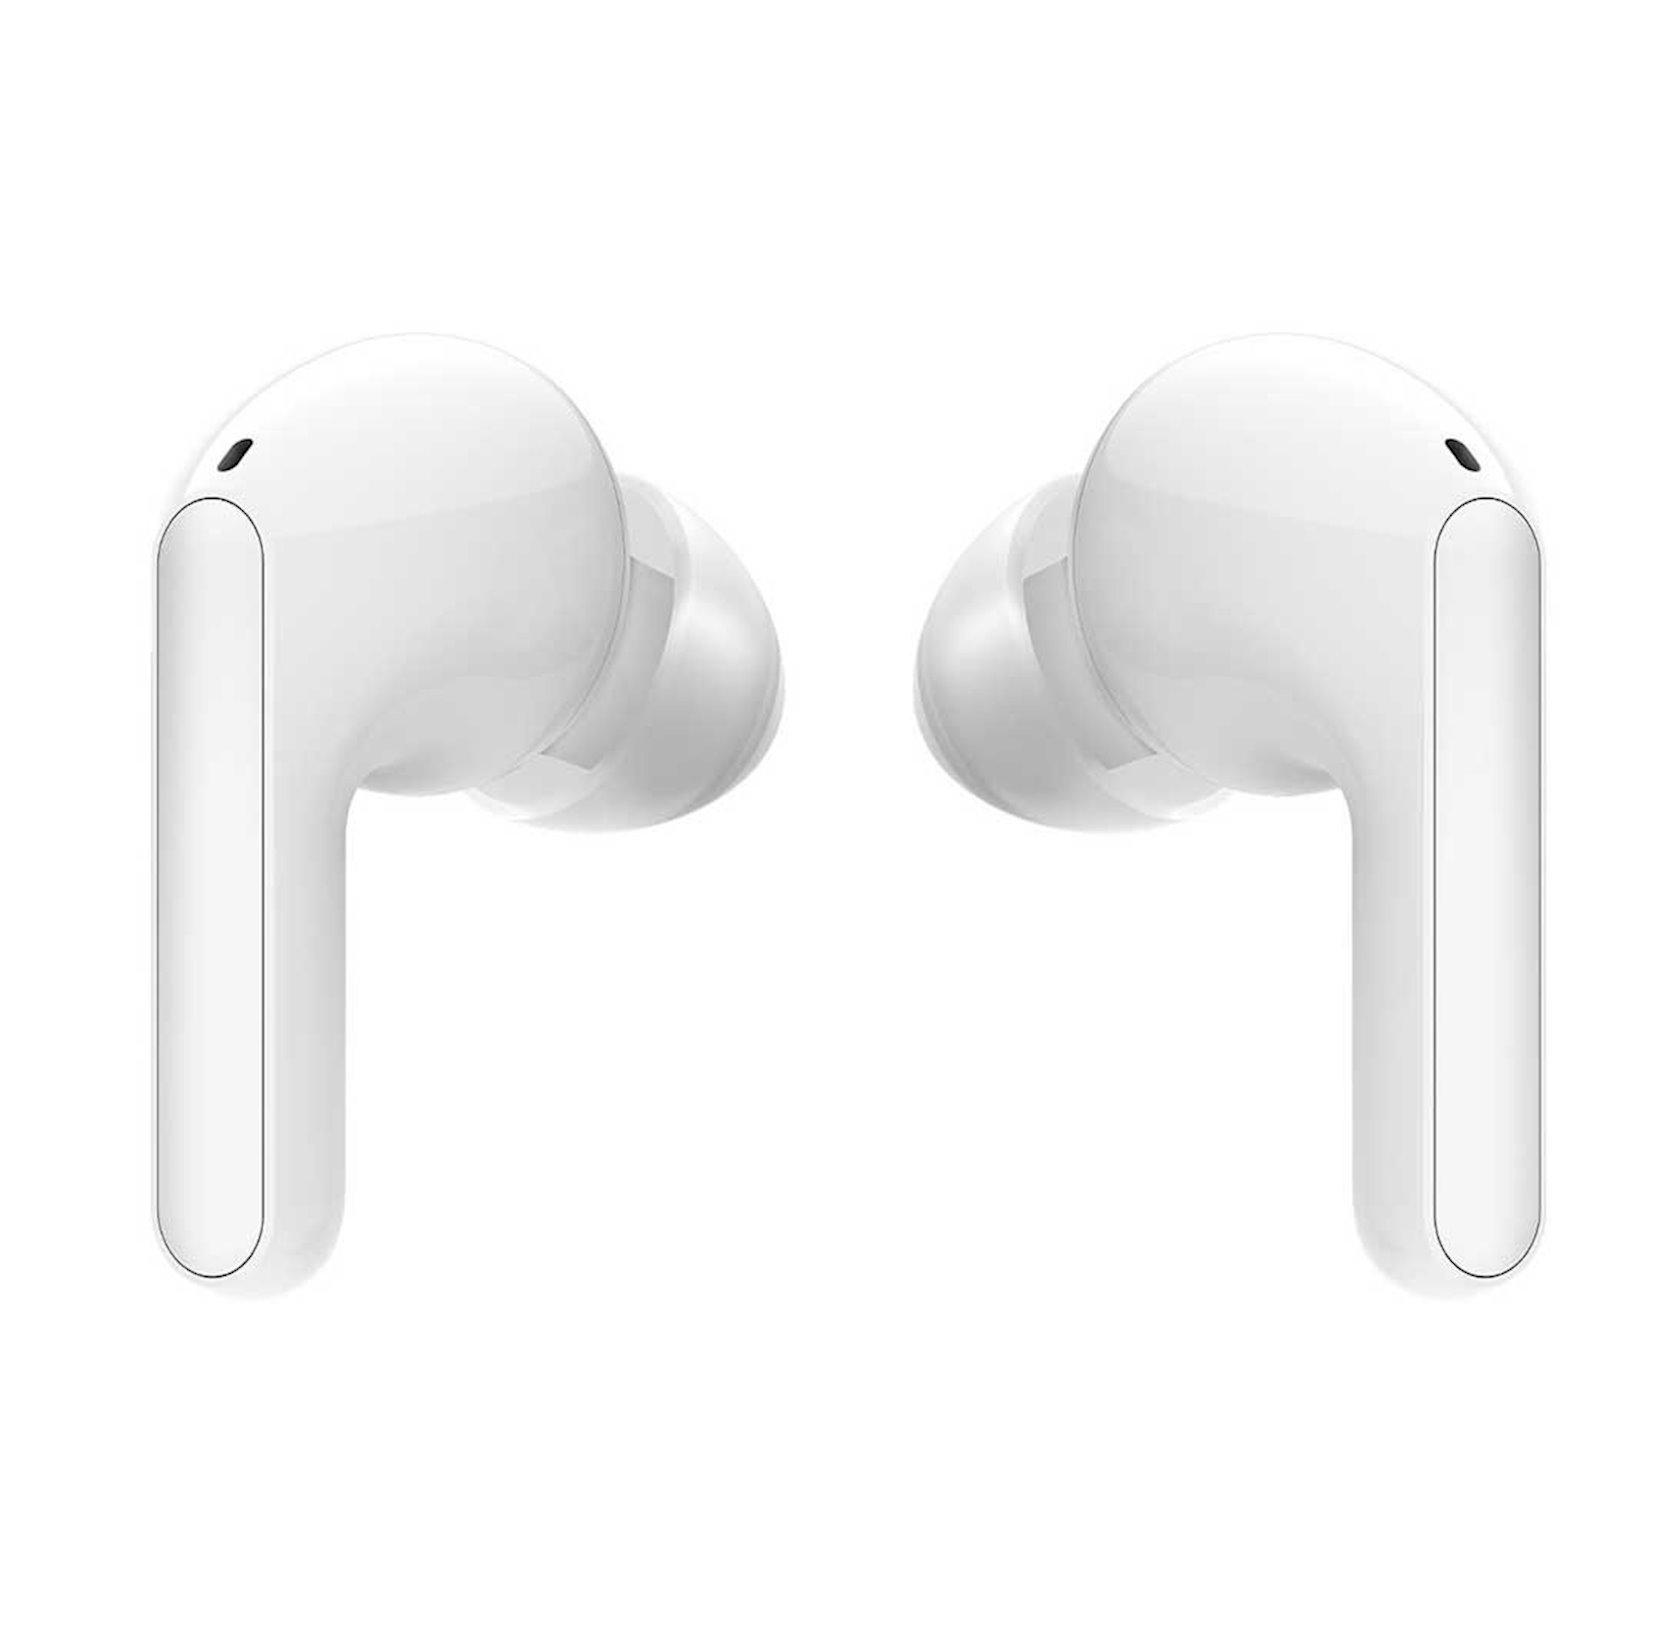 Simsiz qulaqlıqlar LG Tone Free HBS-FN4 True Wireless audio texnologiyası ilə Meridian, White